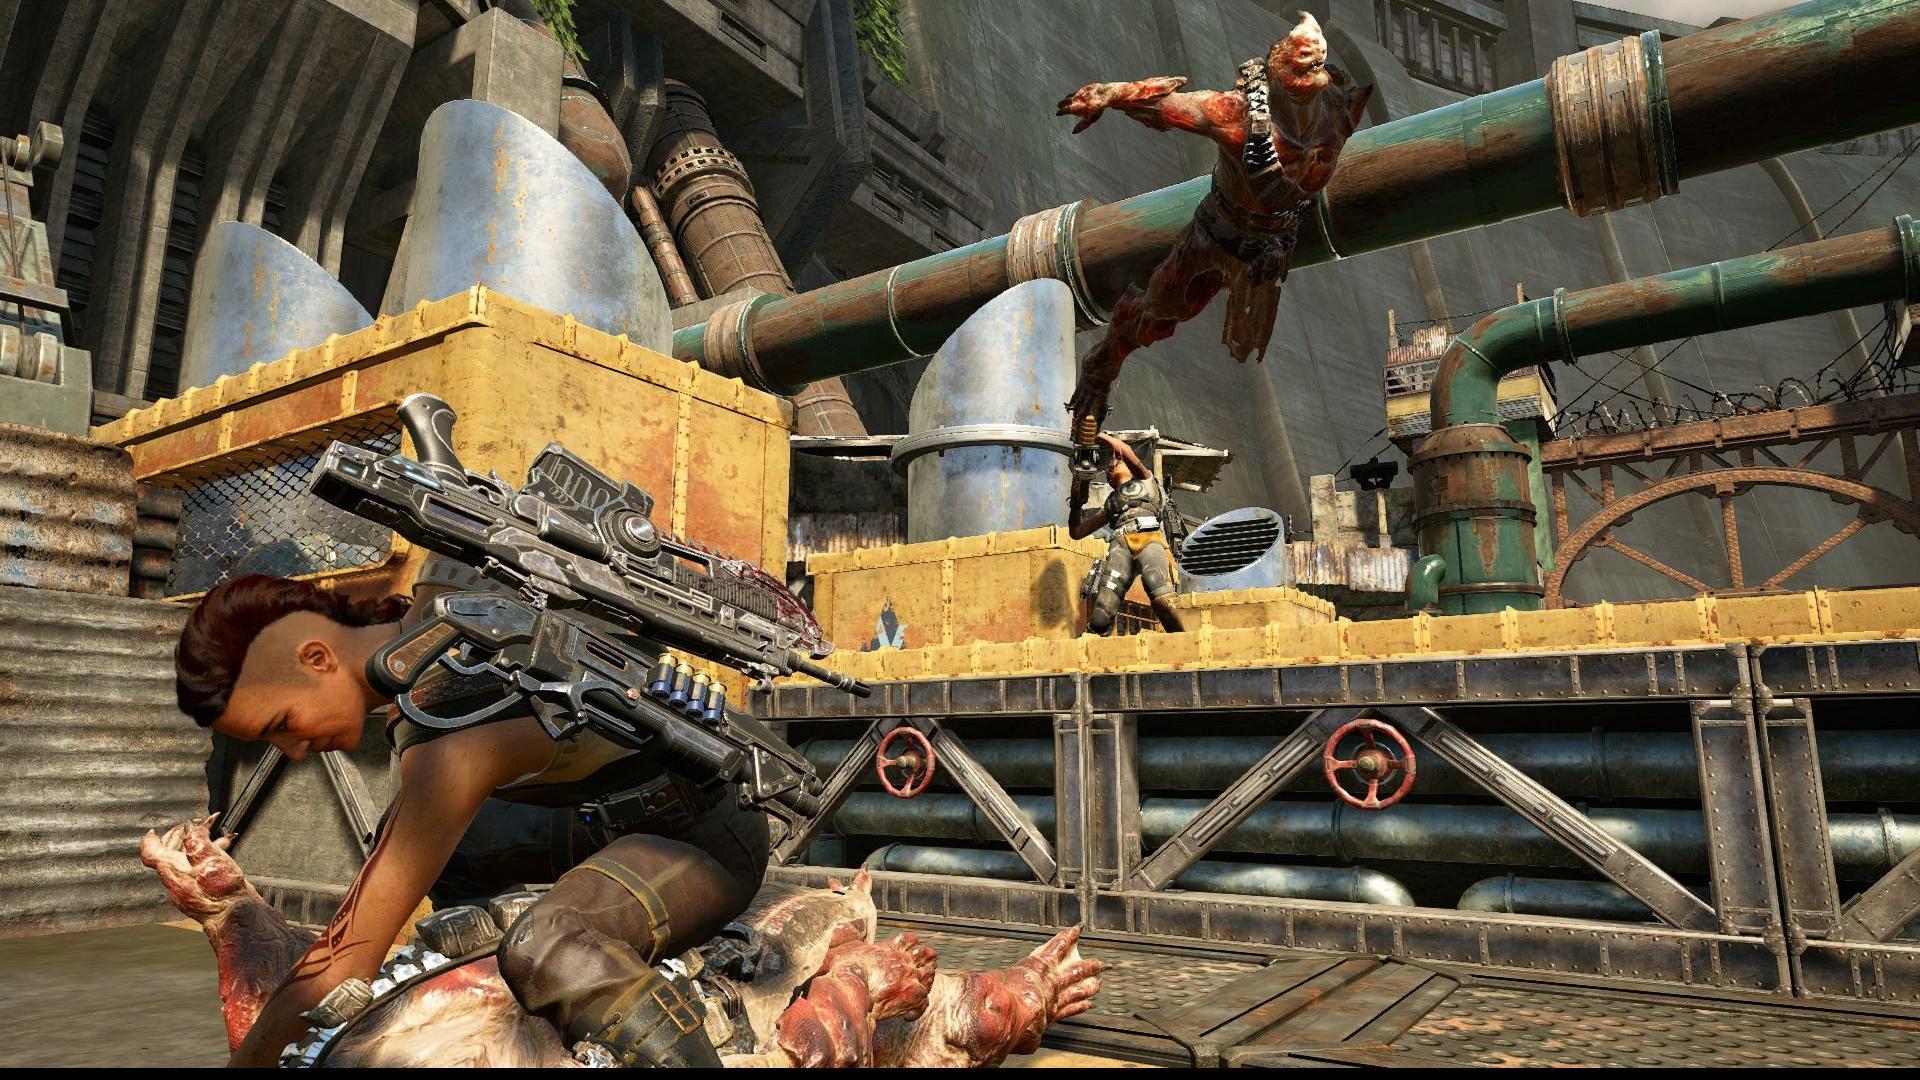 gears_of_war_4_screenshot_2af35e5c.jpeg - Gears of War 4